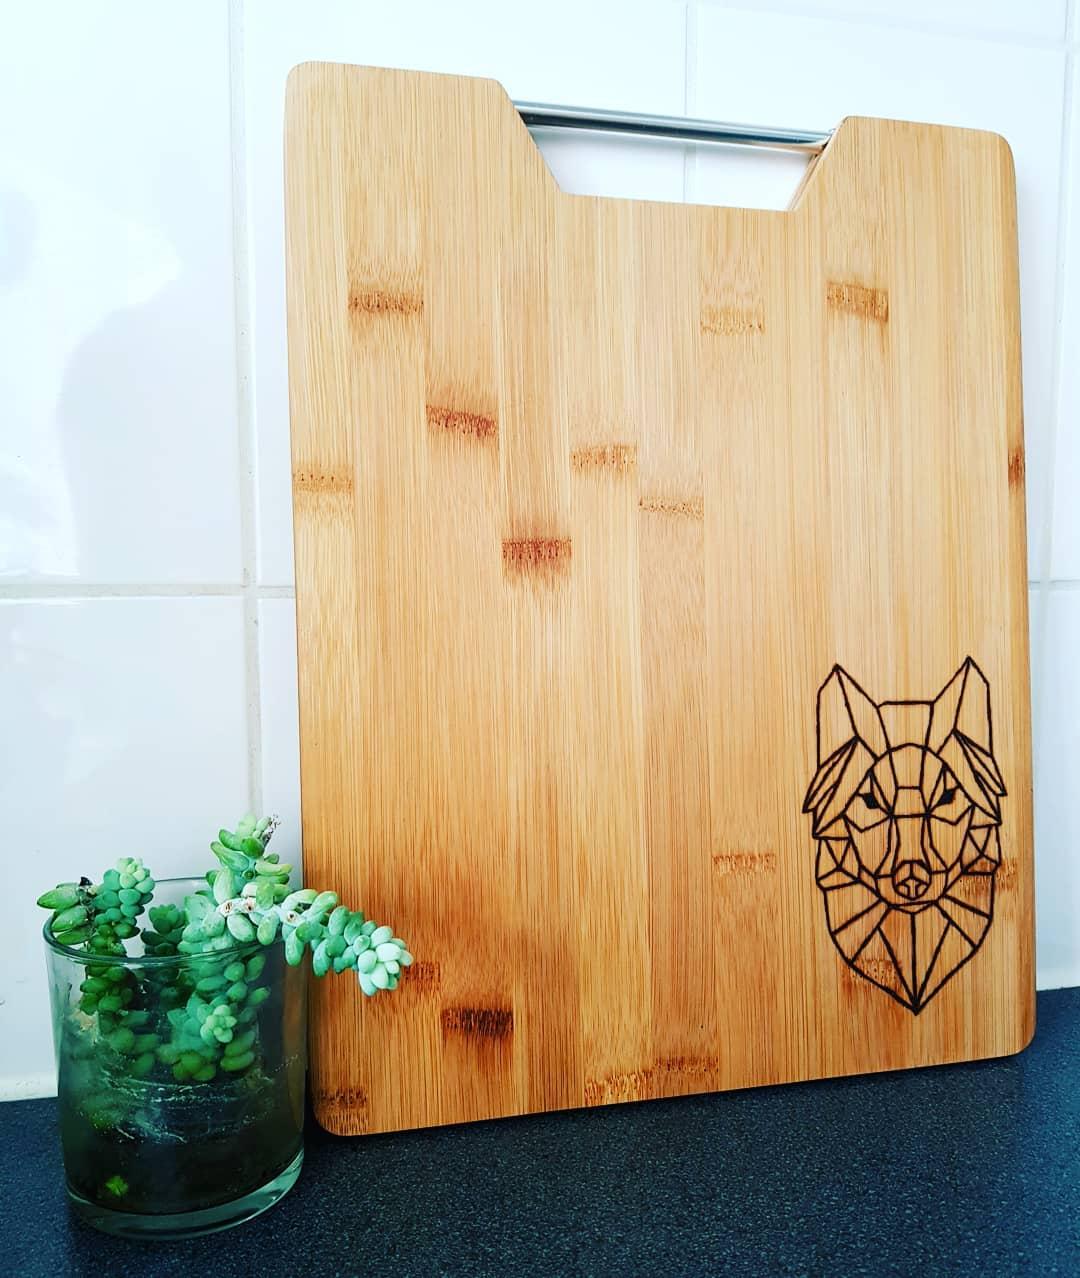 Geometrische wolf gebrand in hout